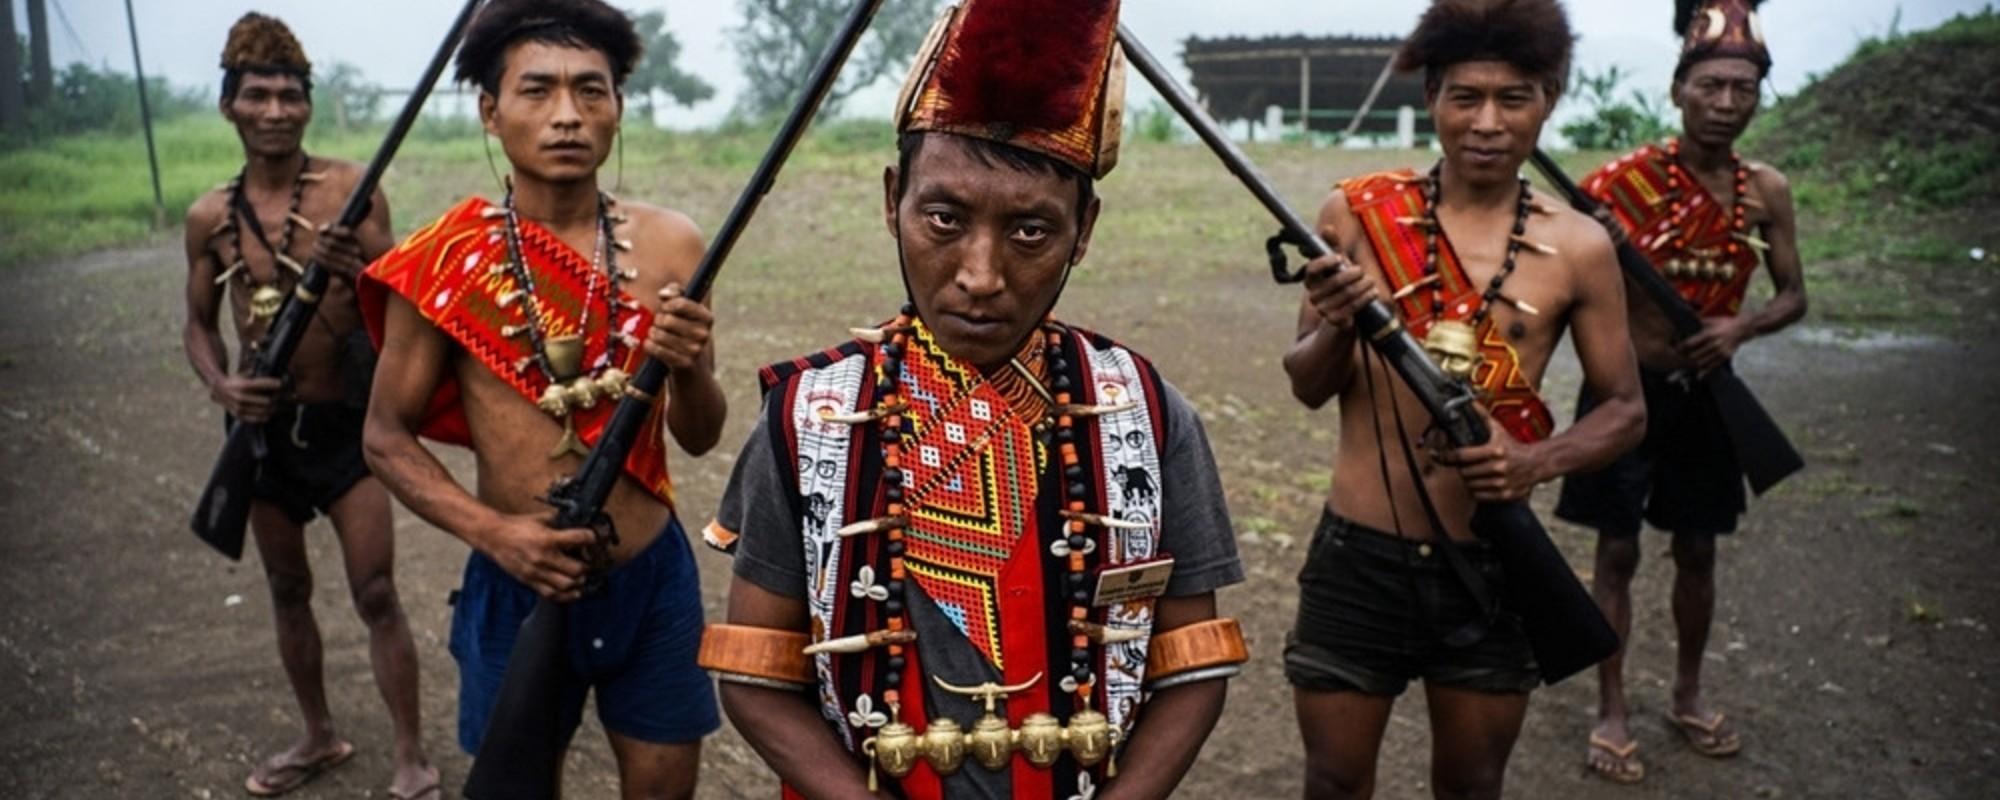 Fotografii cu satul indian care e dependent de opiu de ani întregi